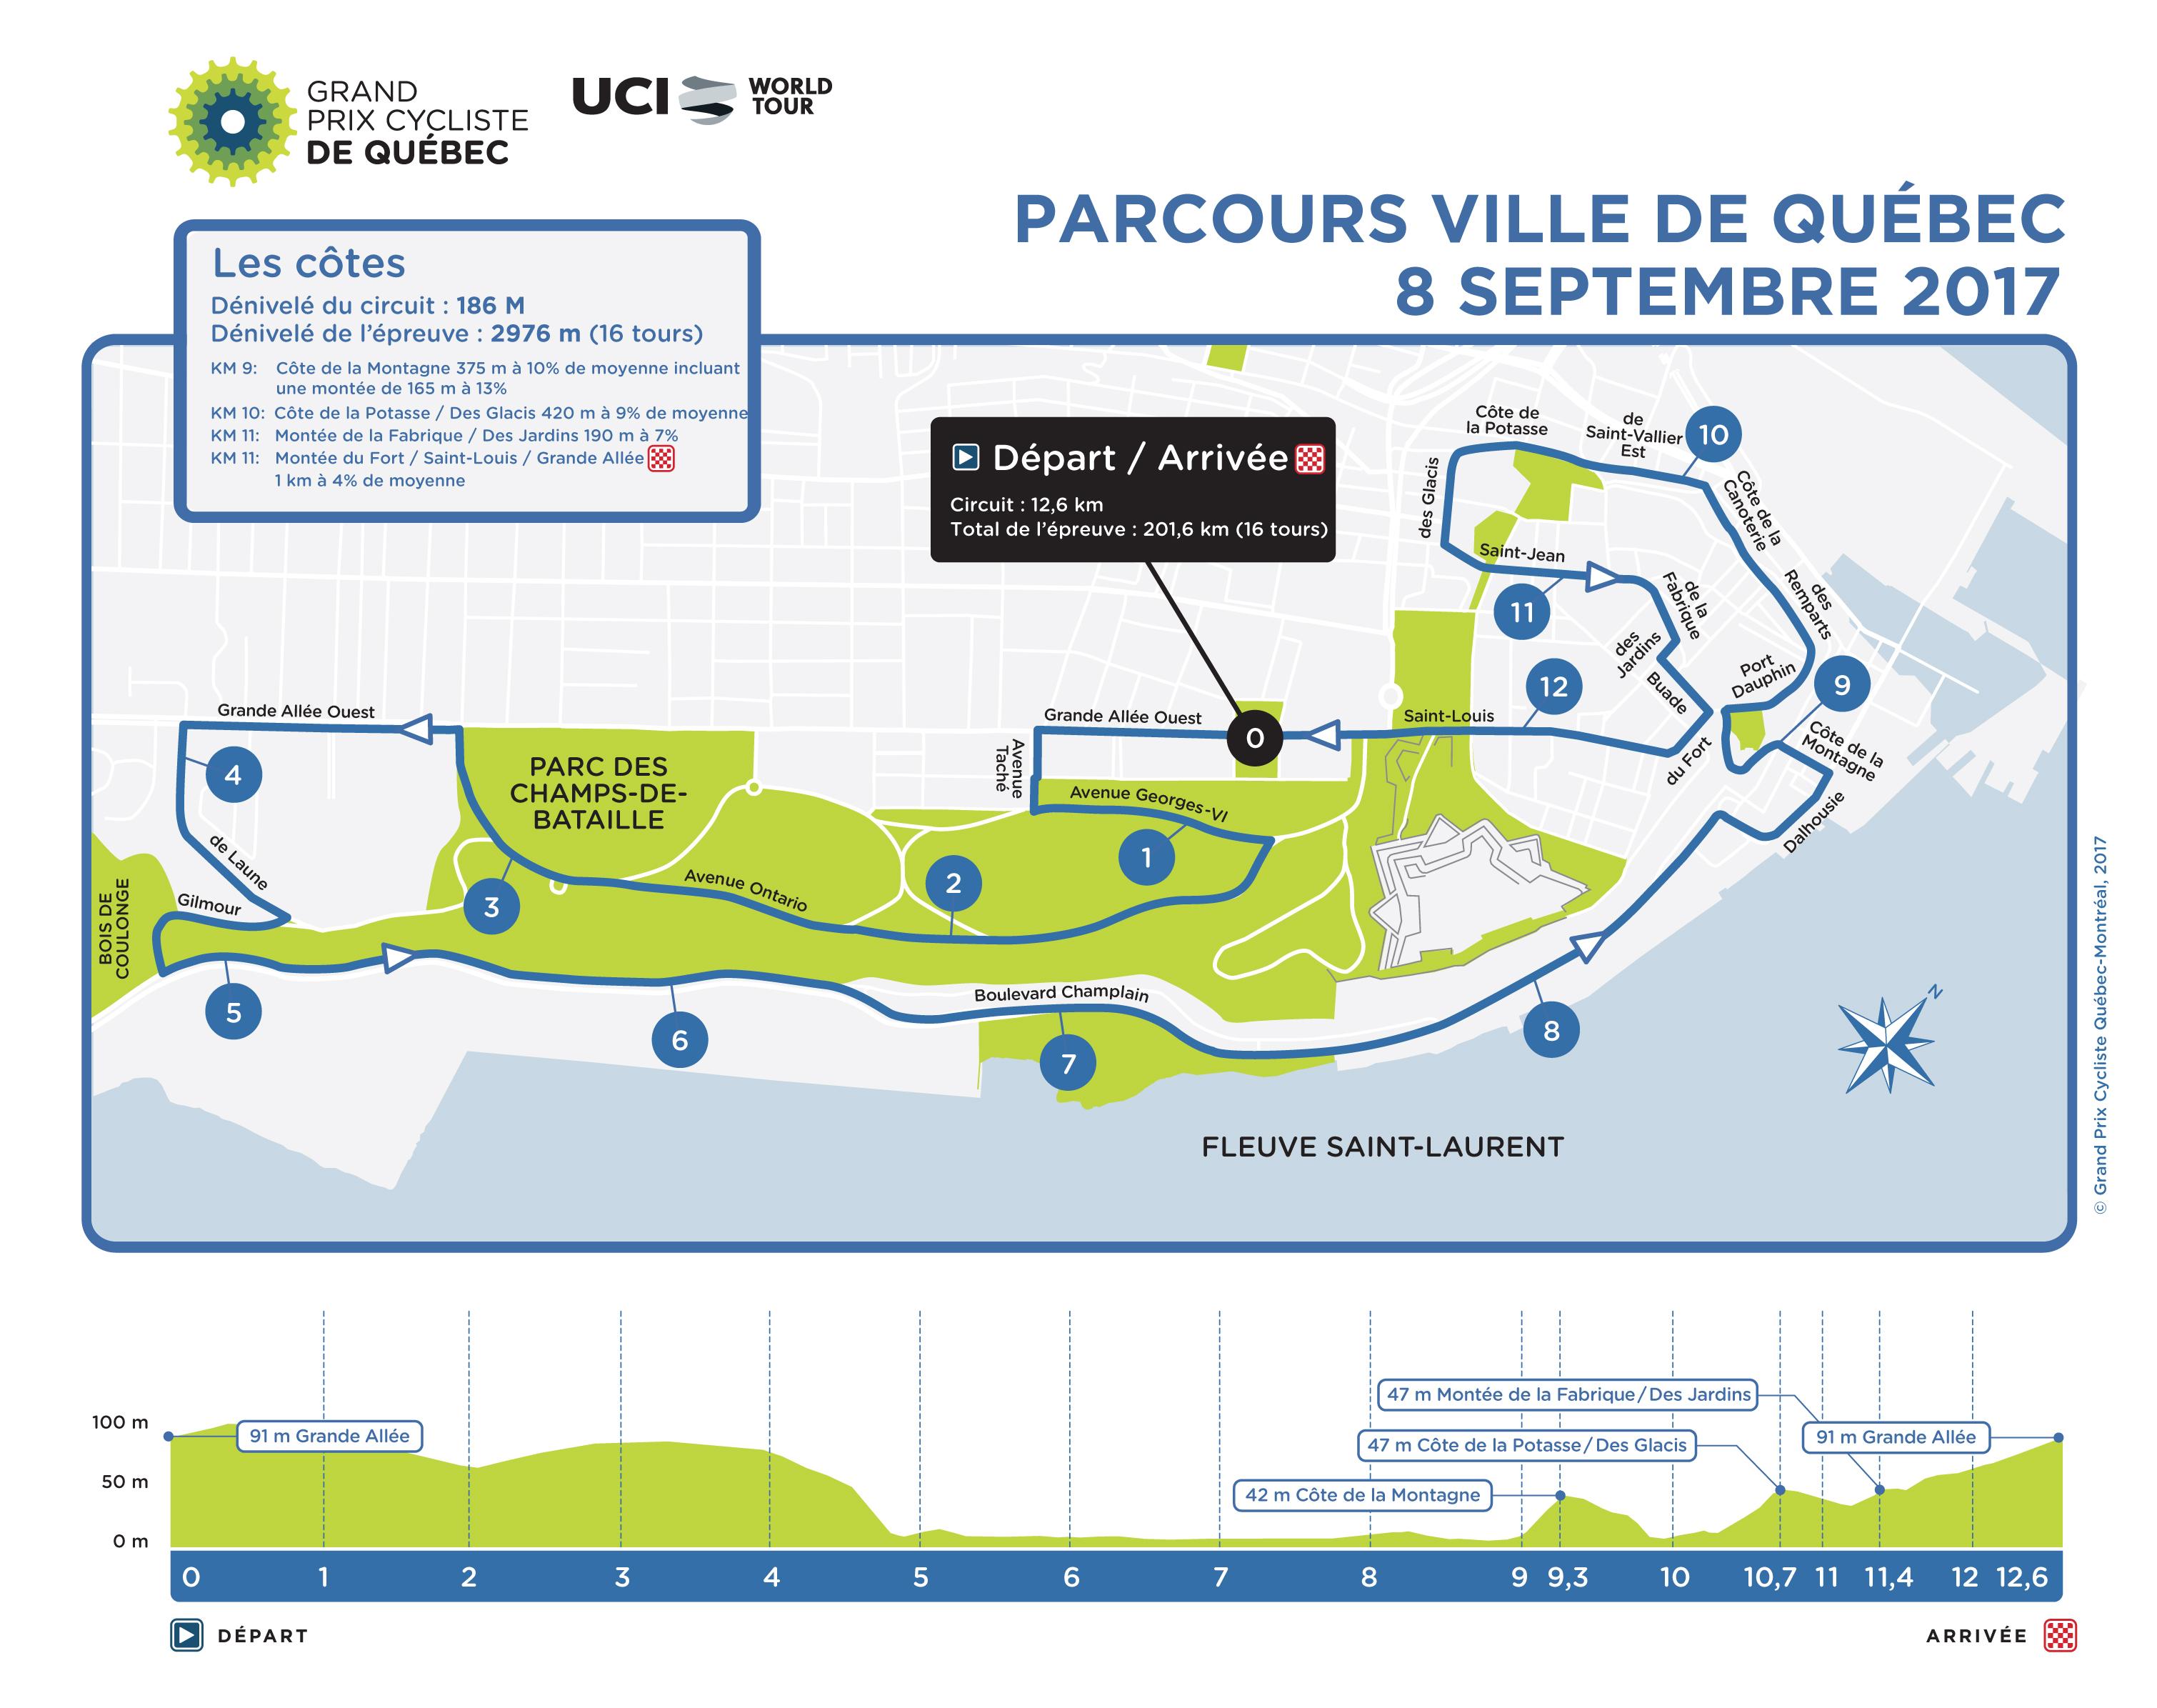 Grand Prix Cycliste de Québec Gpc-parcours-montreal-2017